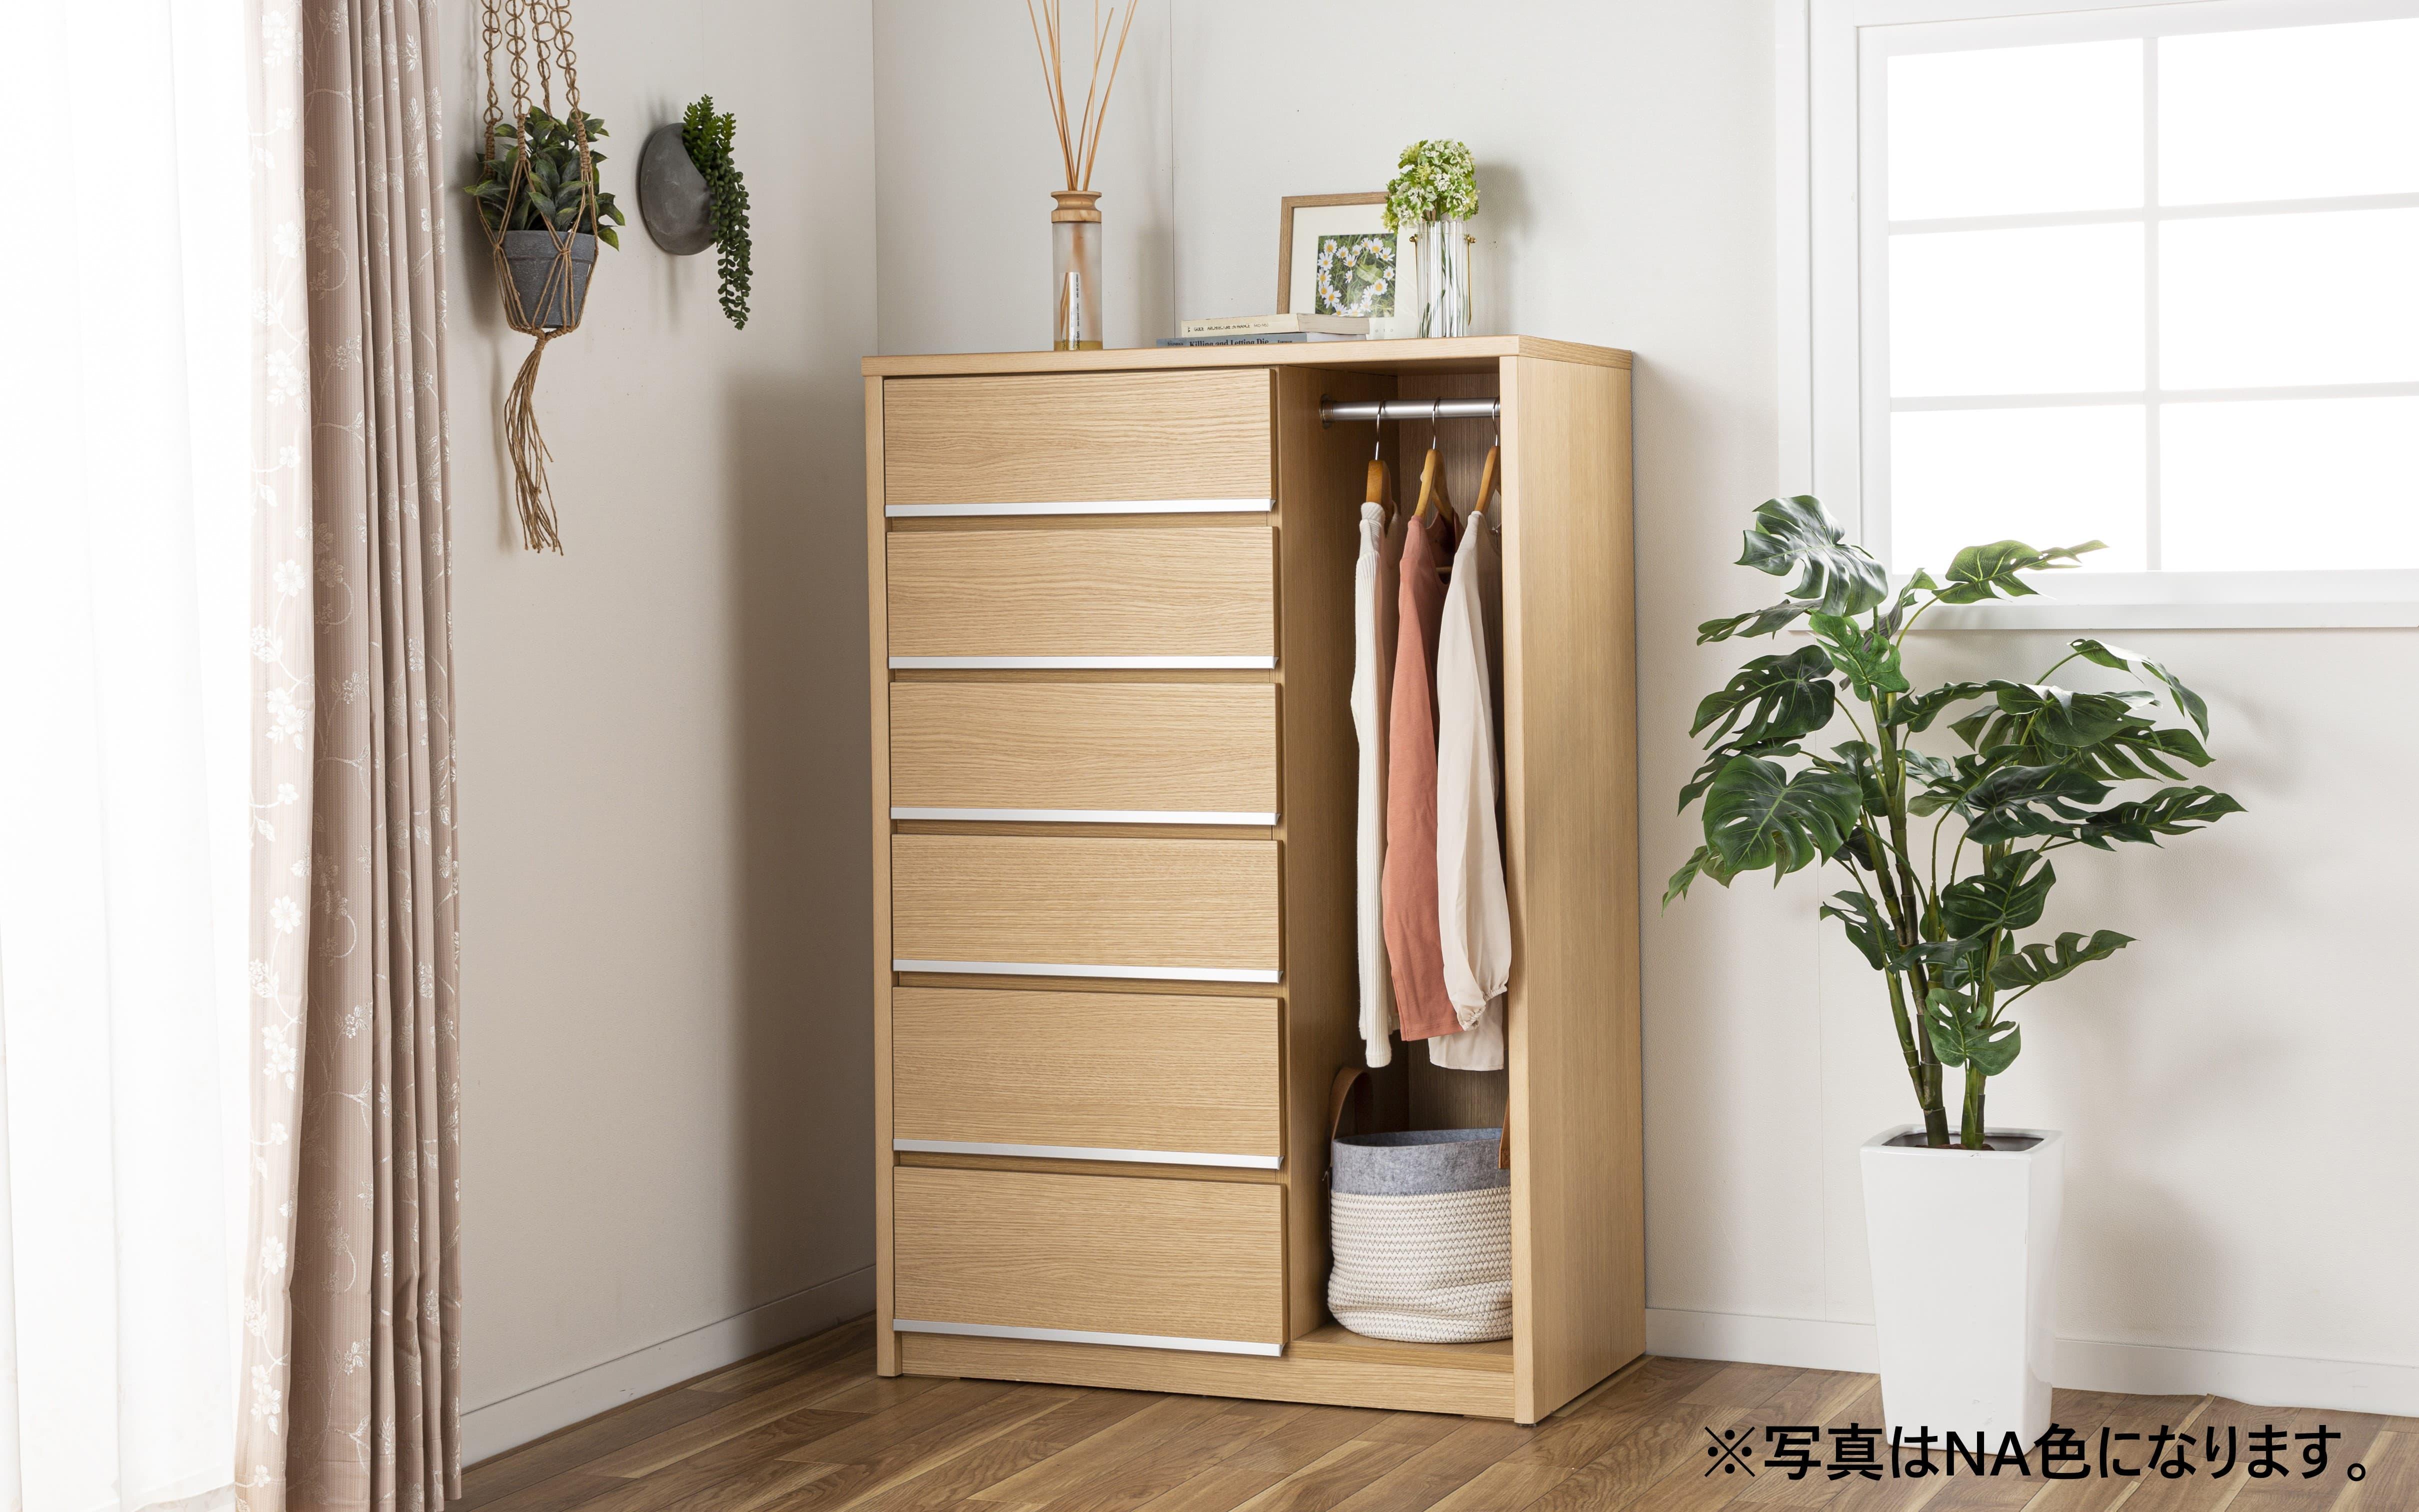 ハンガーチェスト リベルテ 90−6 WN:お部屋に馴染む、シンプルなデザイン